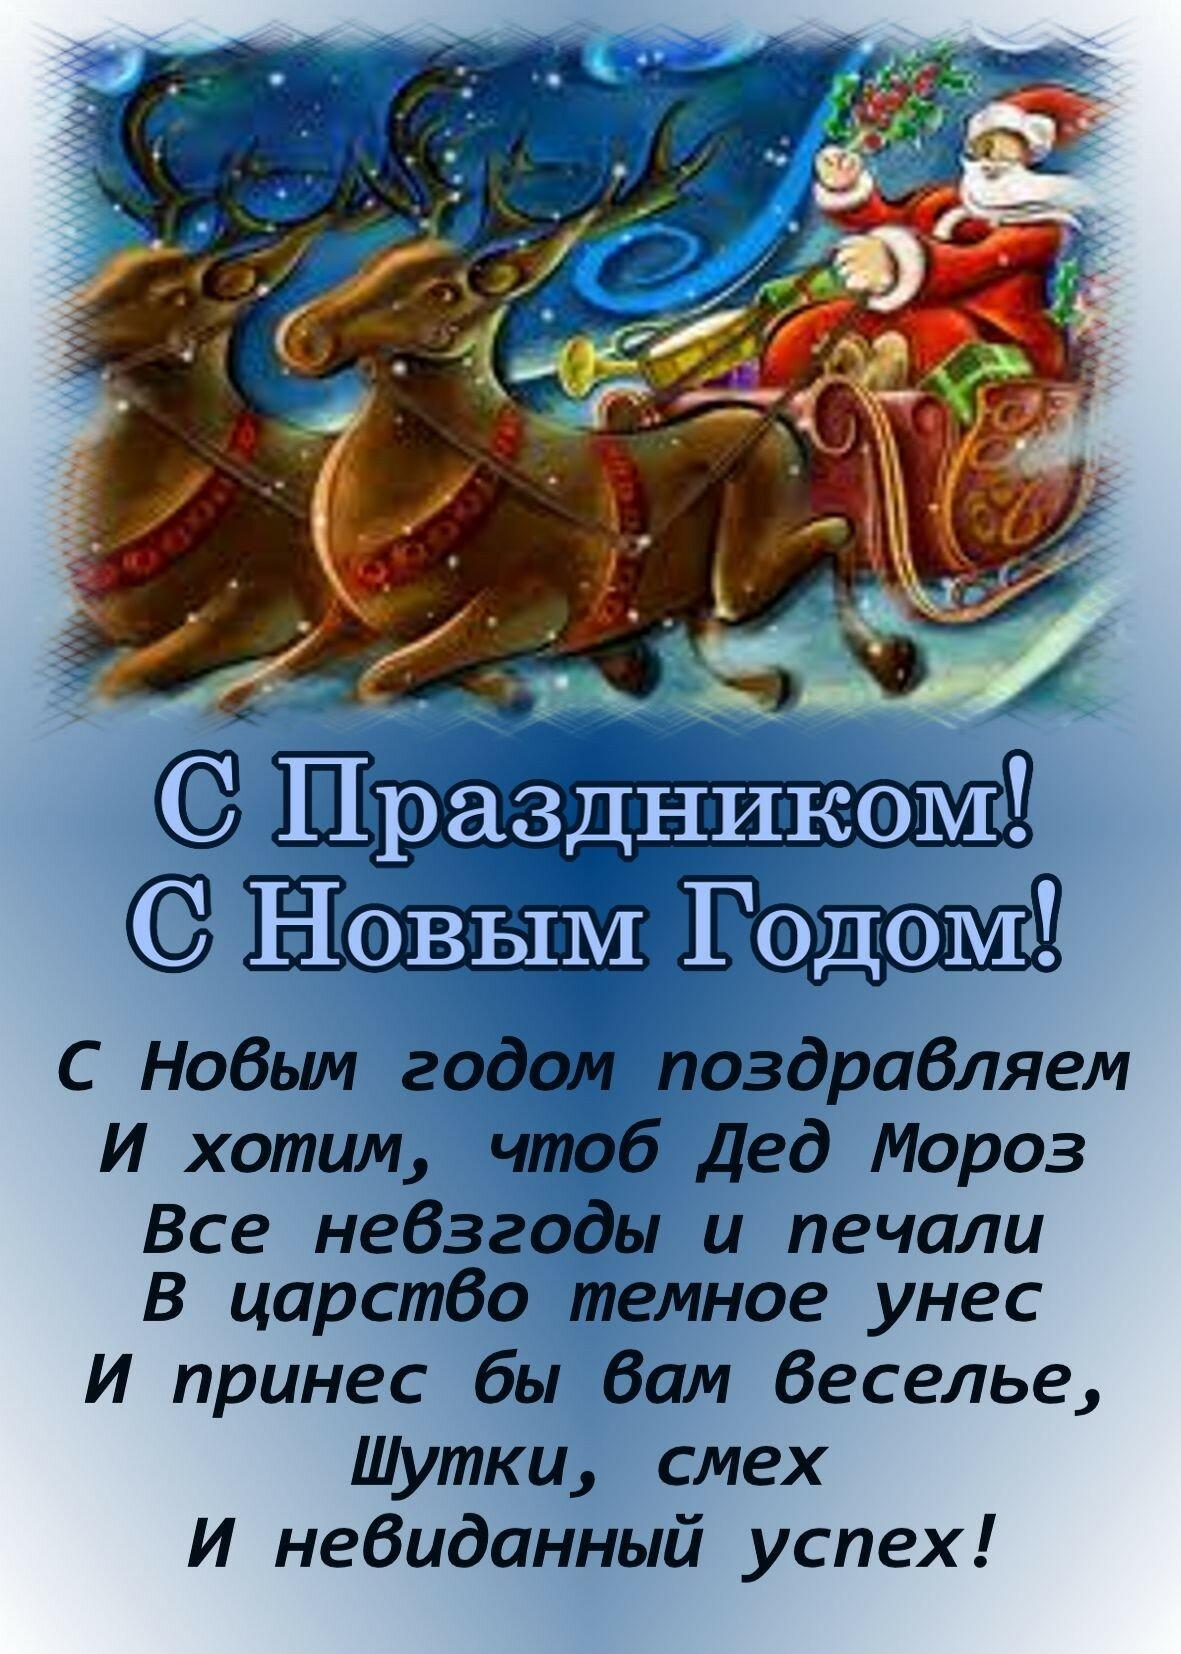 Слова поздравлений детей с новым годом